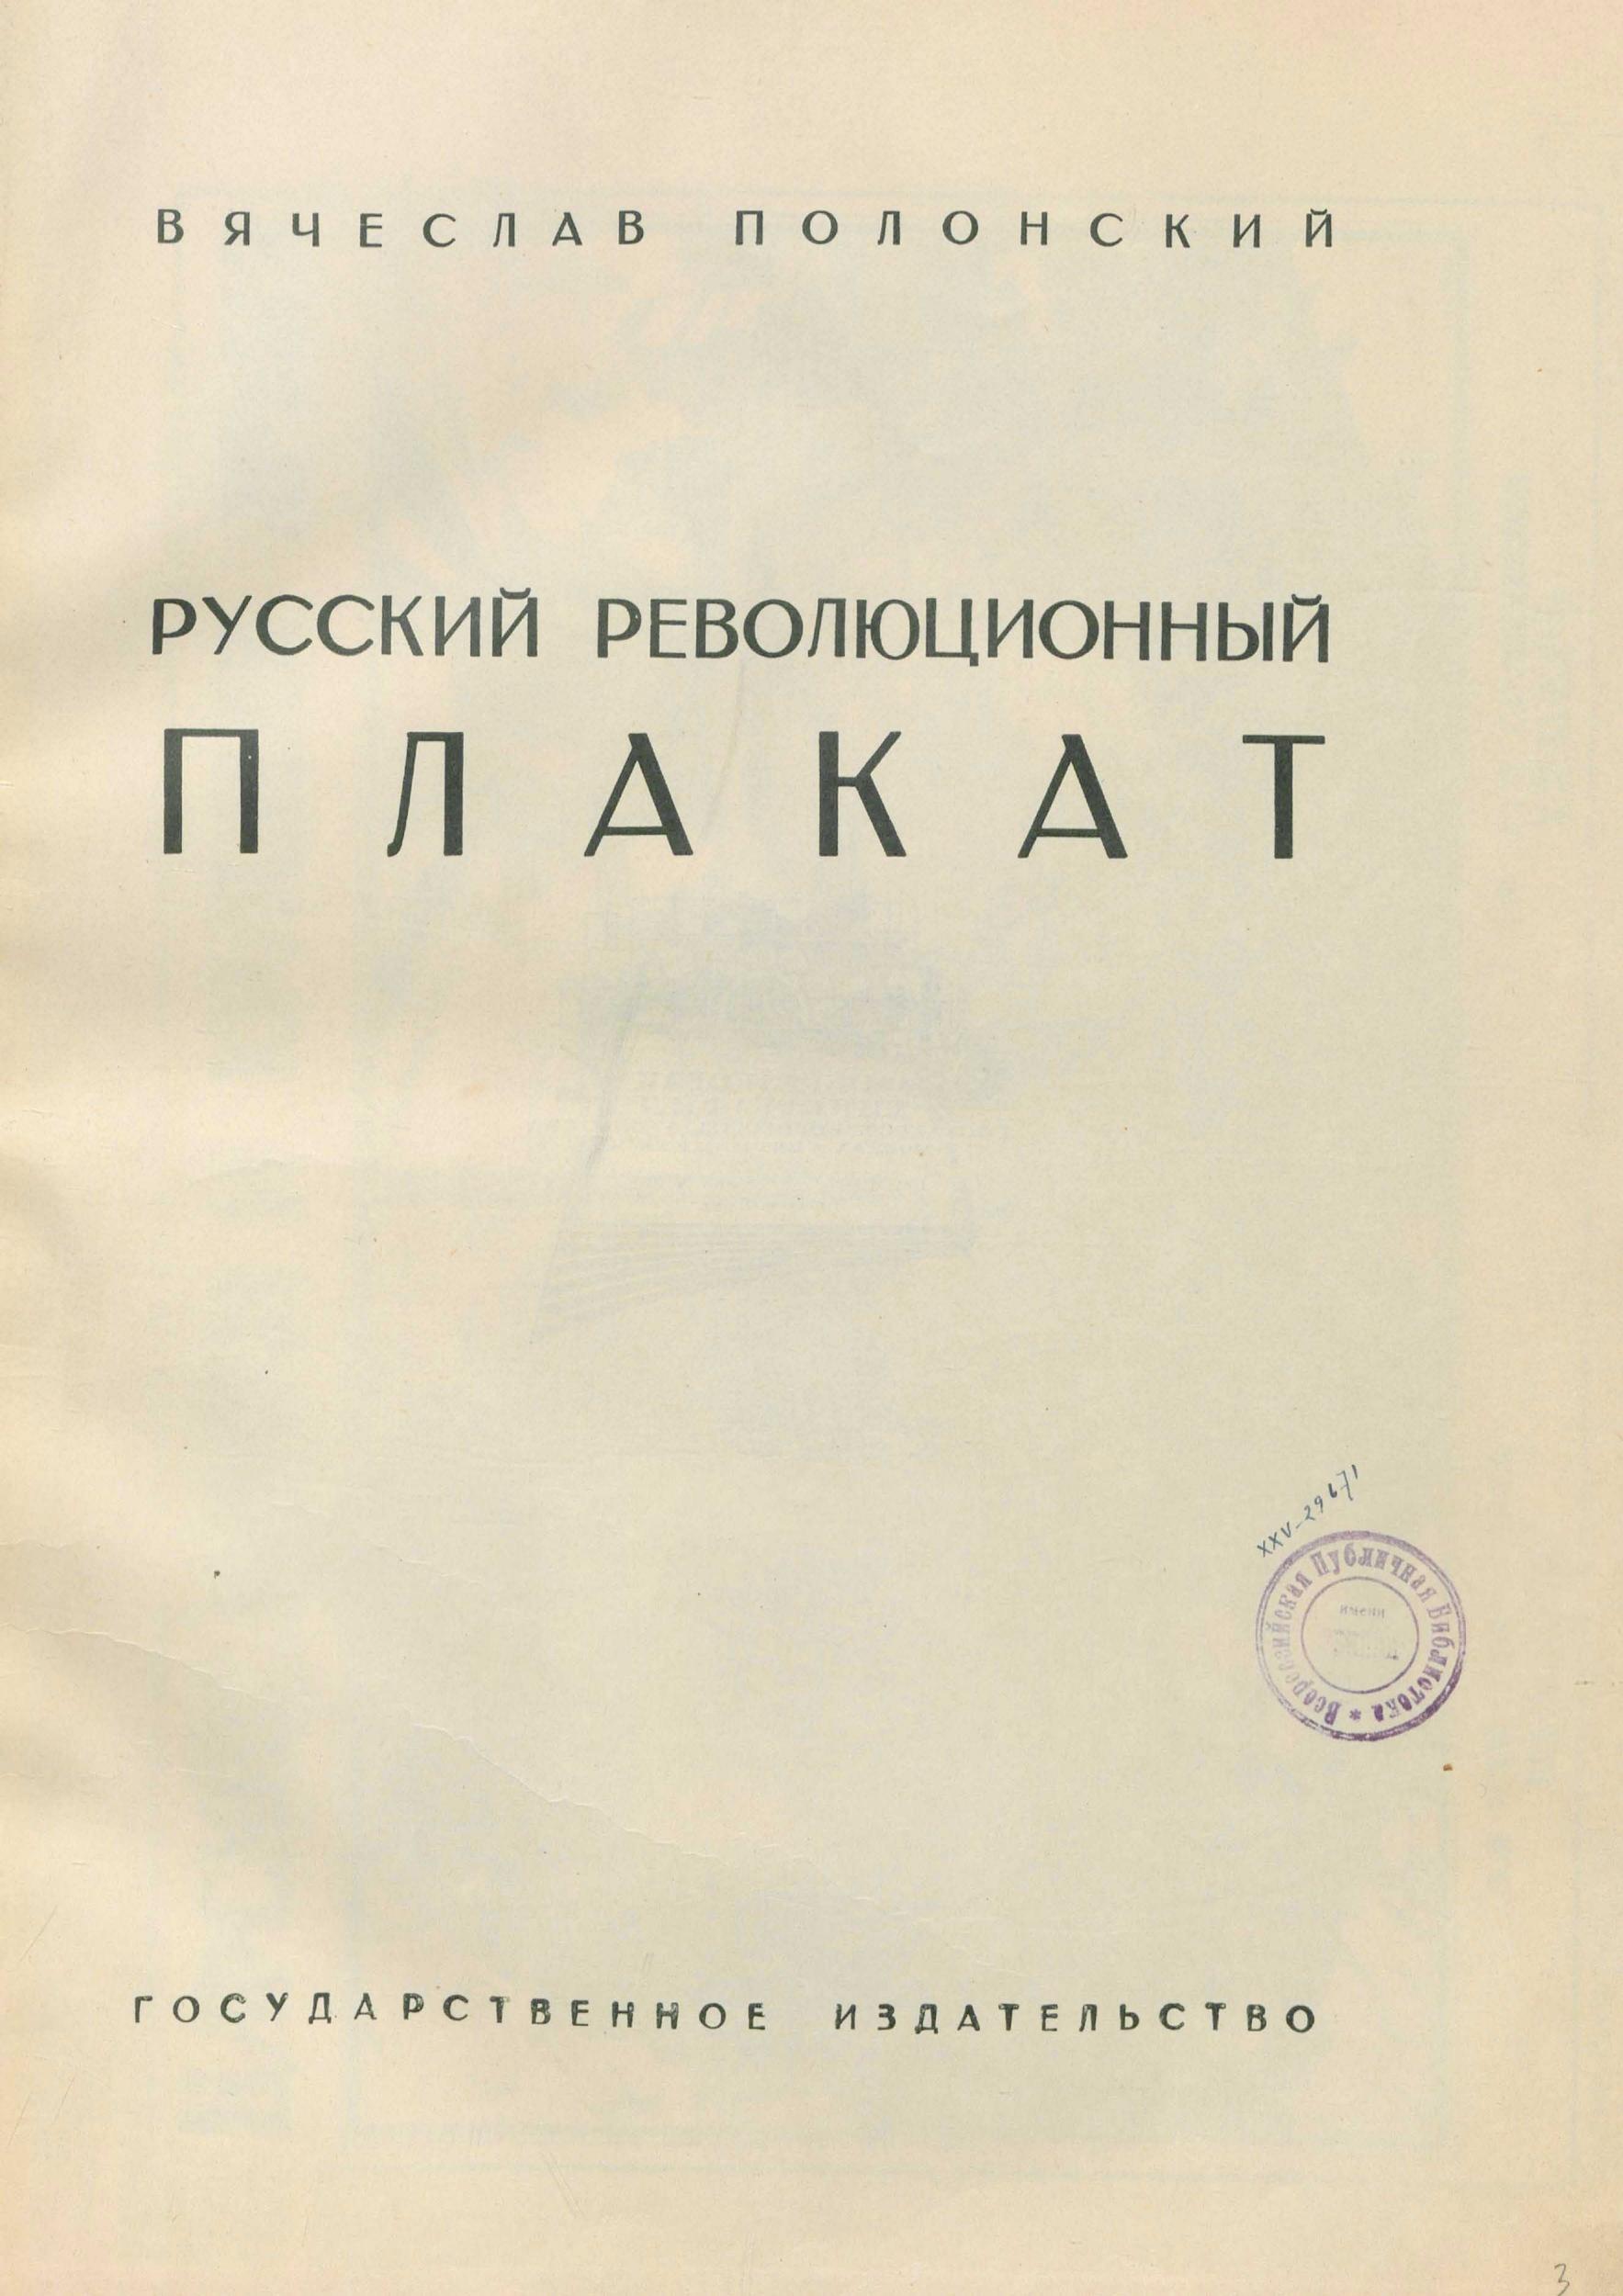 Русский революционный плакат / Вячеслав Полонский. — Москва : Государственное издательство, 1925